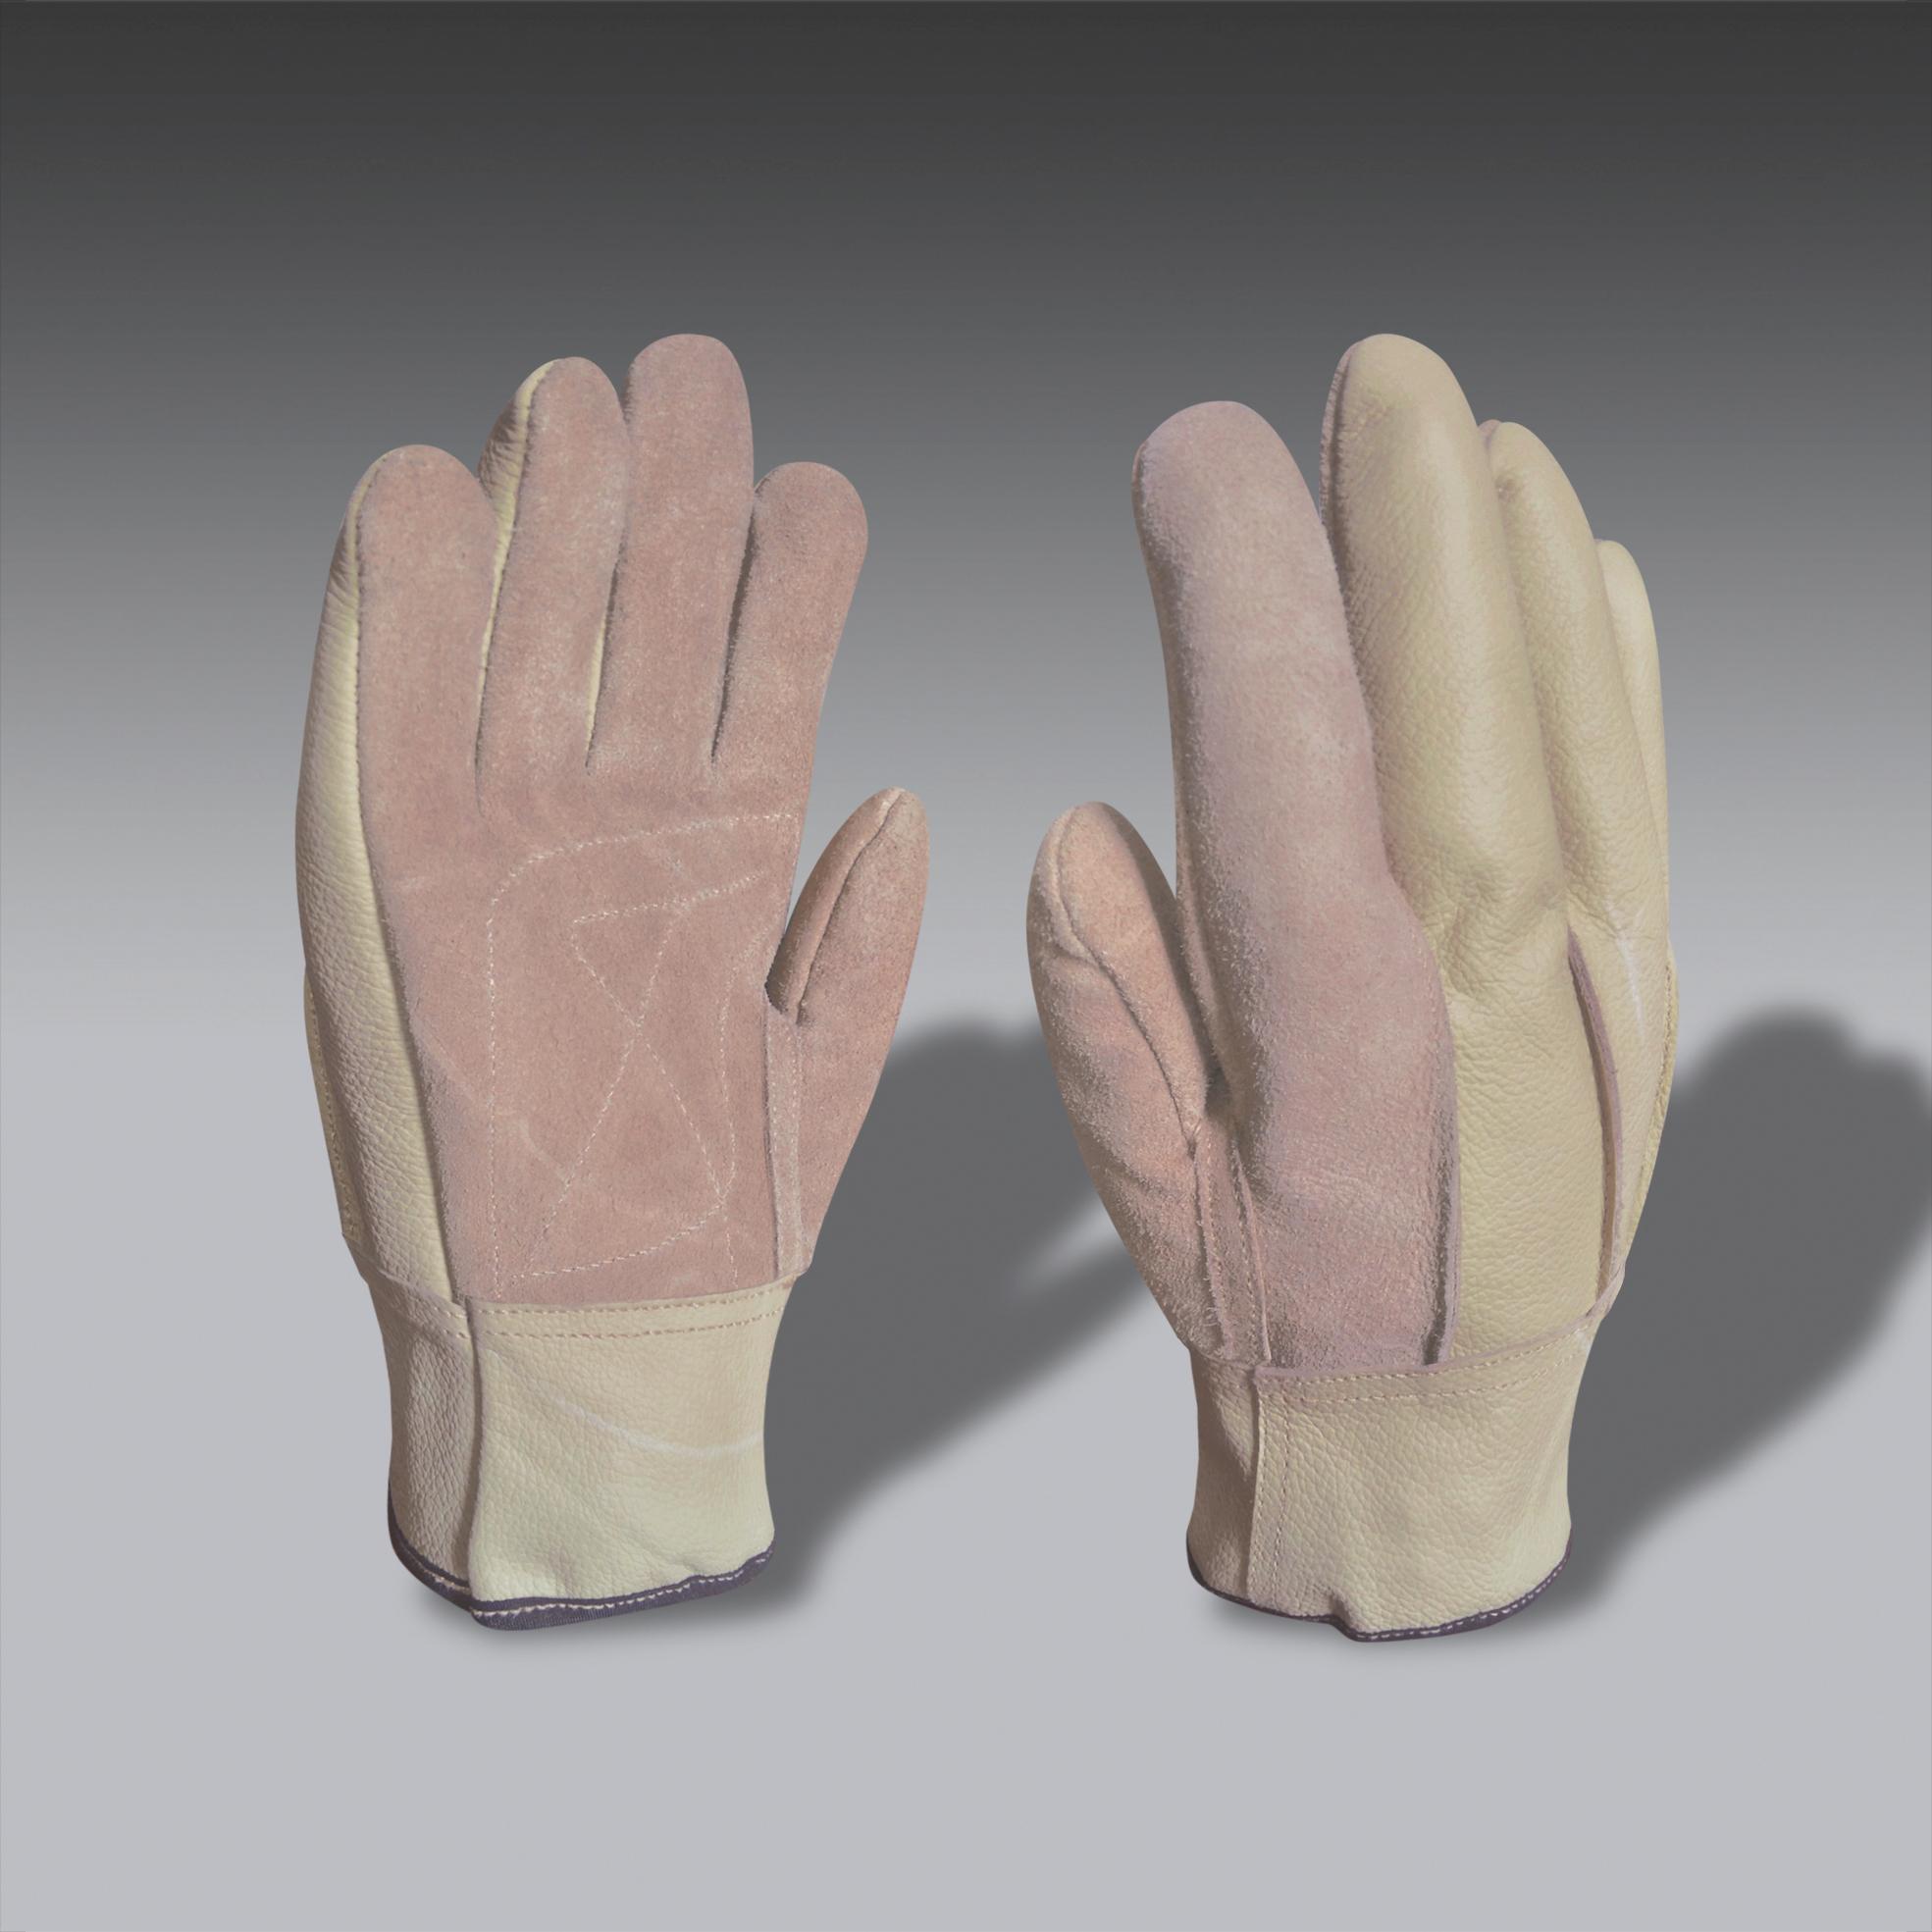 guantes para la seguridad industrial modelo CarEco 02 guantes de seguridad industrial modelo CarEco 02